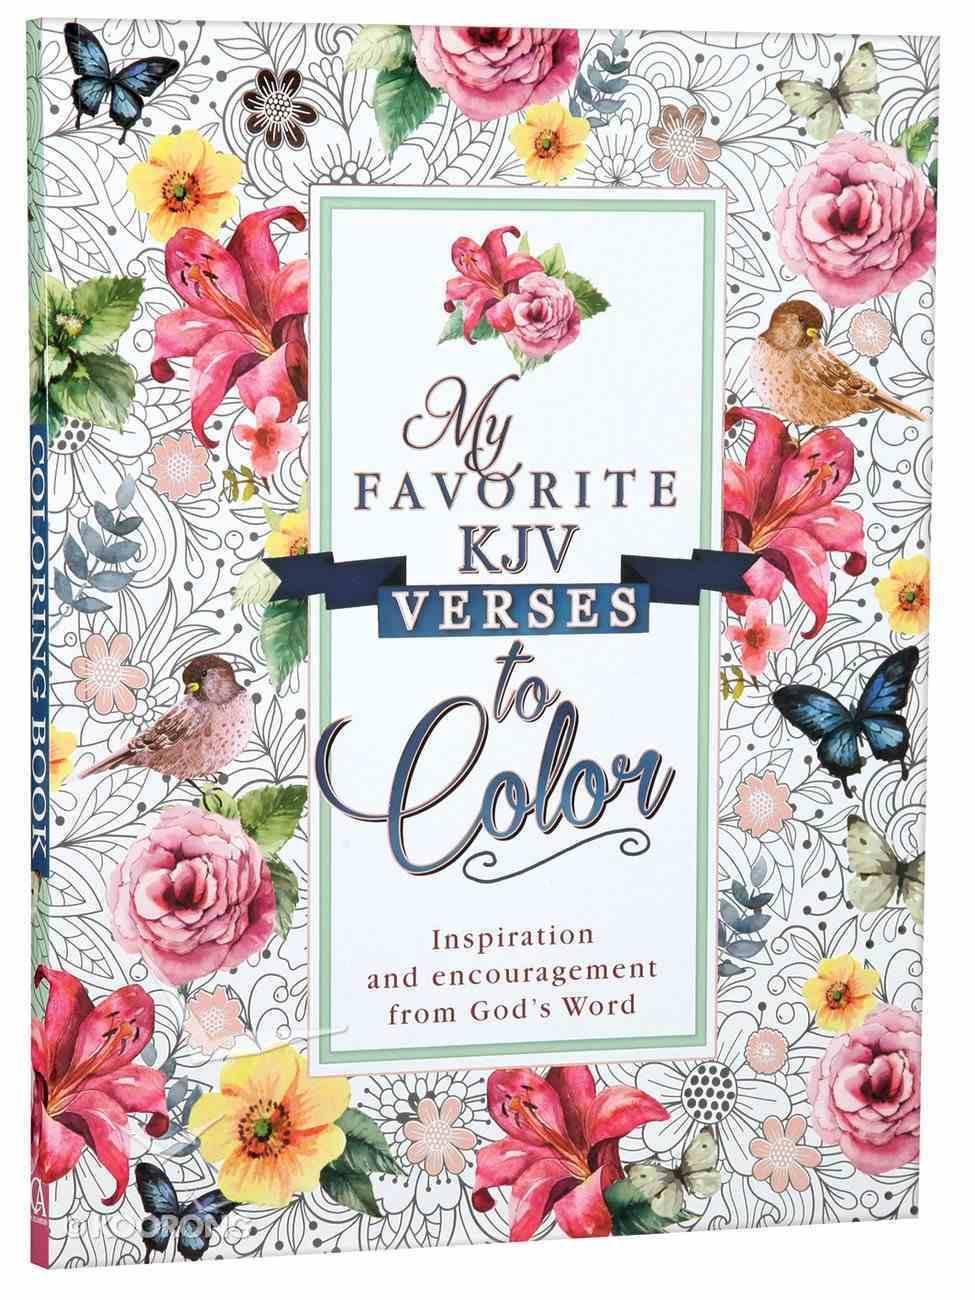 Coloring Book My Favorite KJV Verses (Adult Coloring Books Series) Paperback